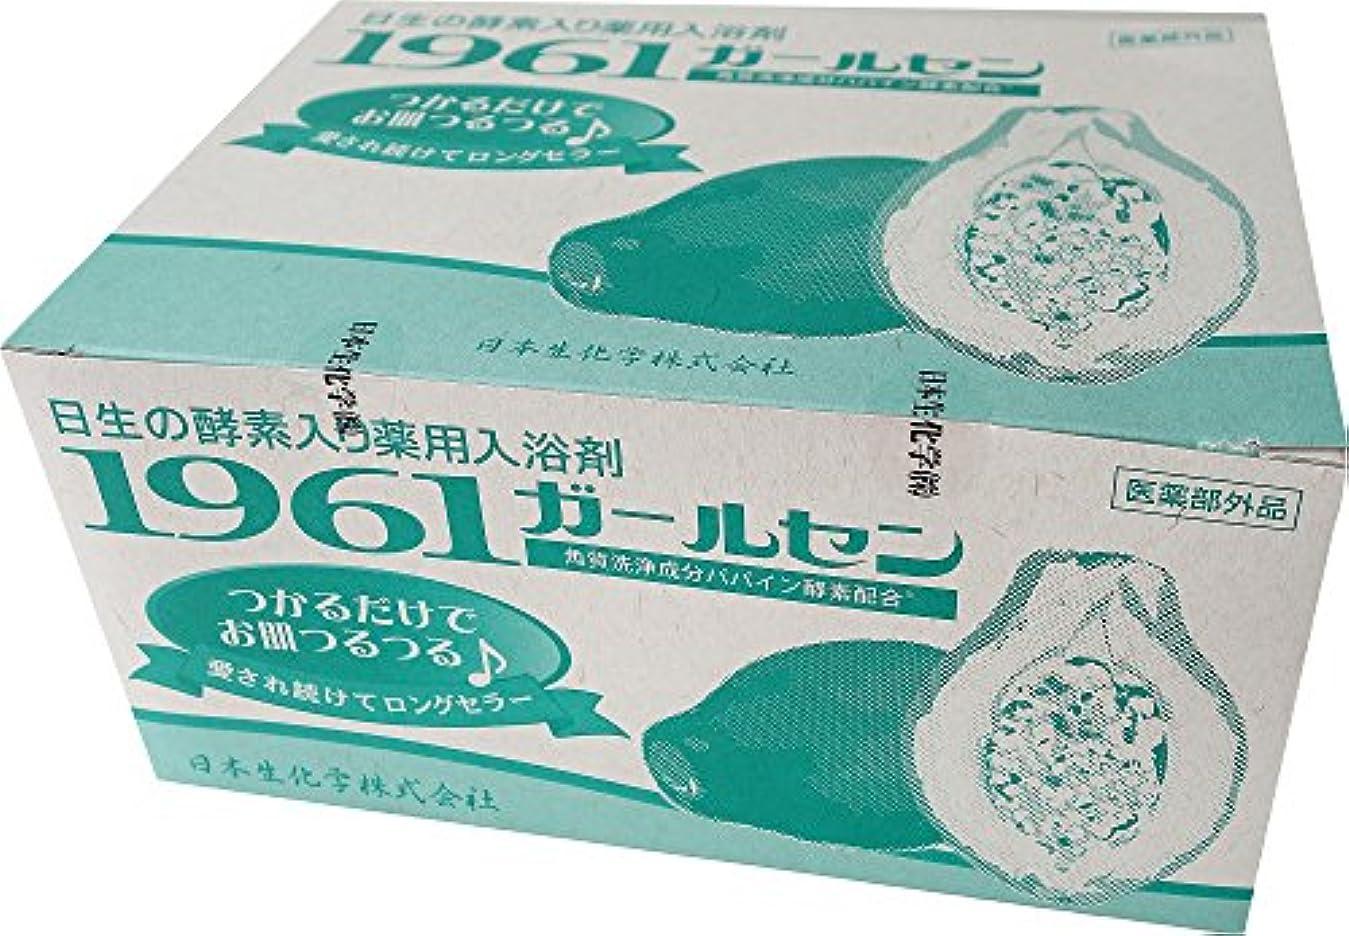 繊維科学的チェリーパパイン酵素配合 薬用入浴剤 1961ガールセン 60包 [医薬部外品]